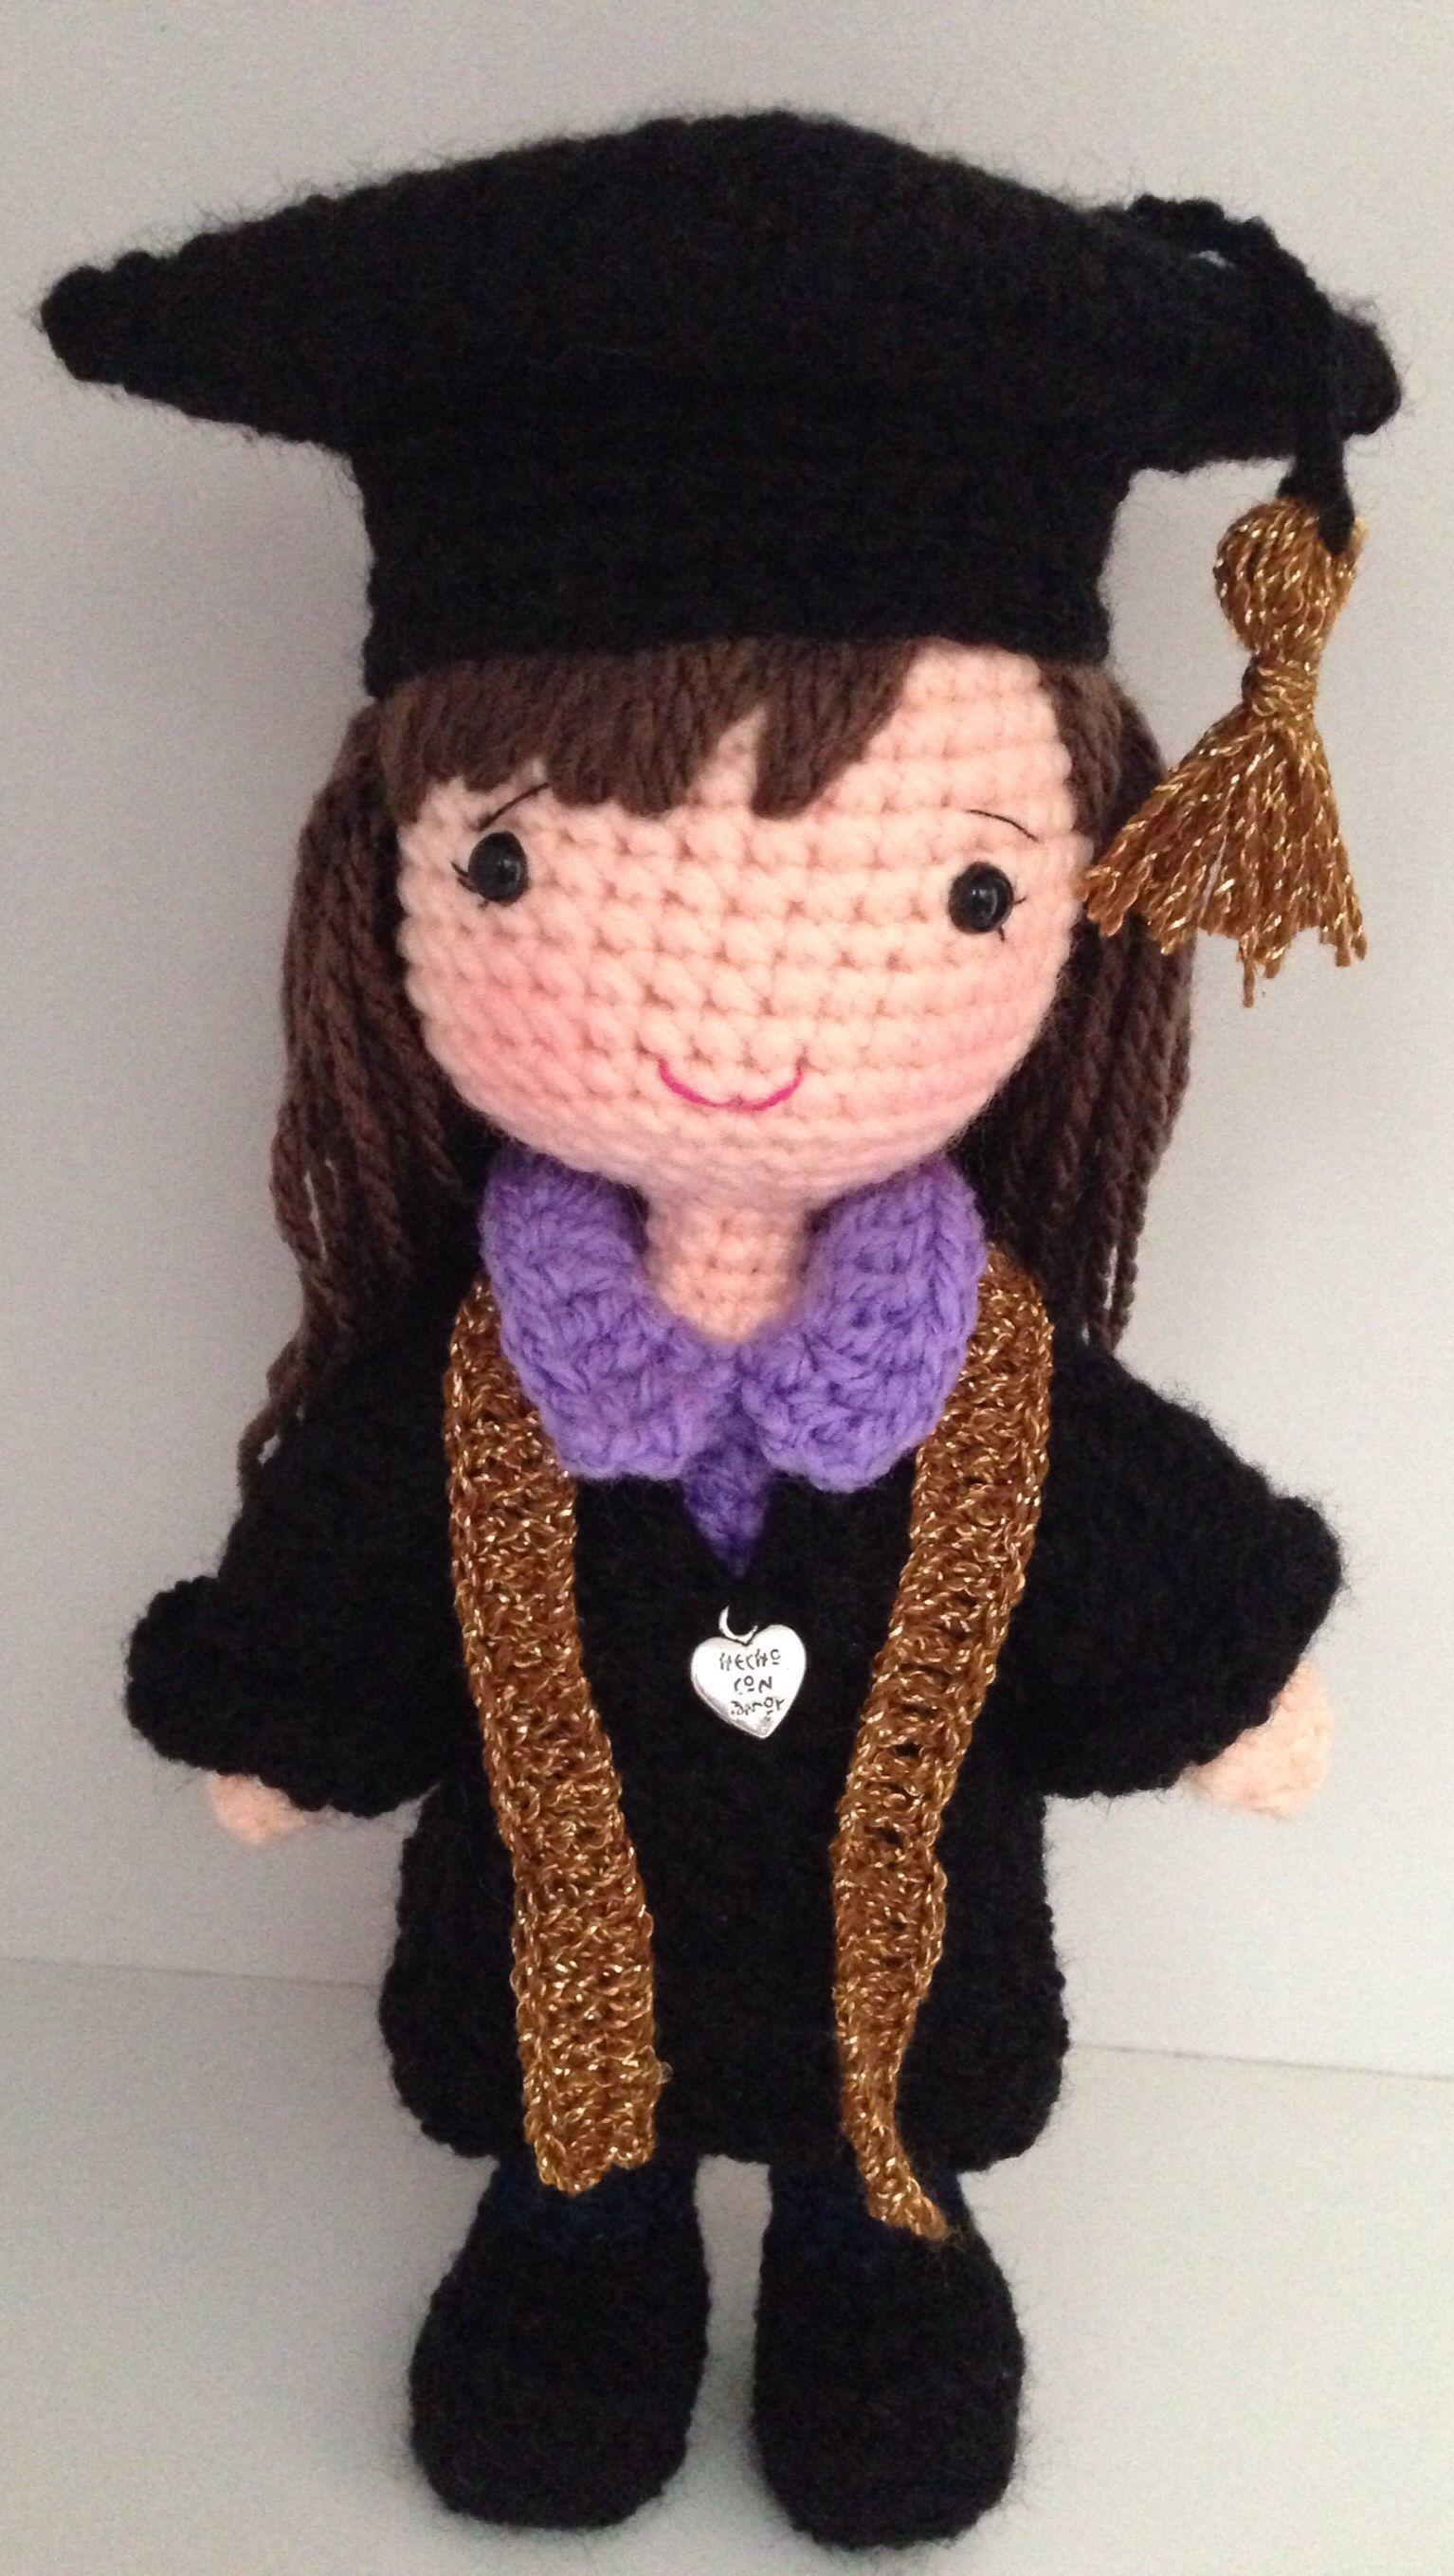 Pin von Daphne Kapes auf Crochet   Pinterest   Amigurumi, Puppen und ...